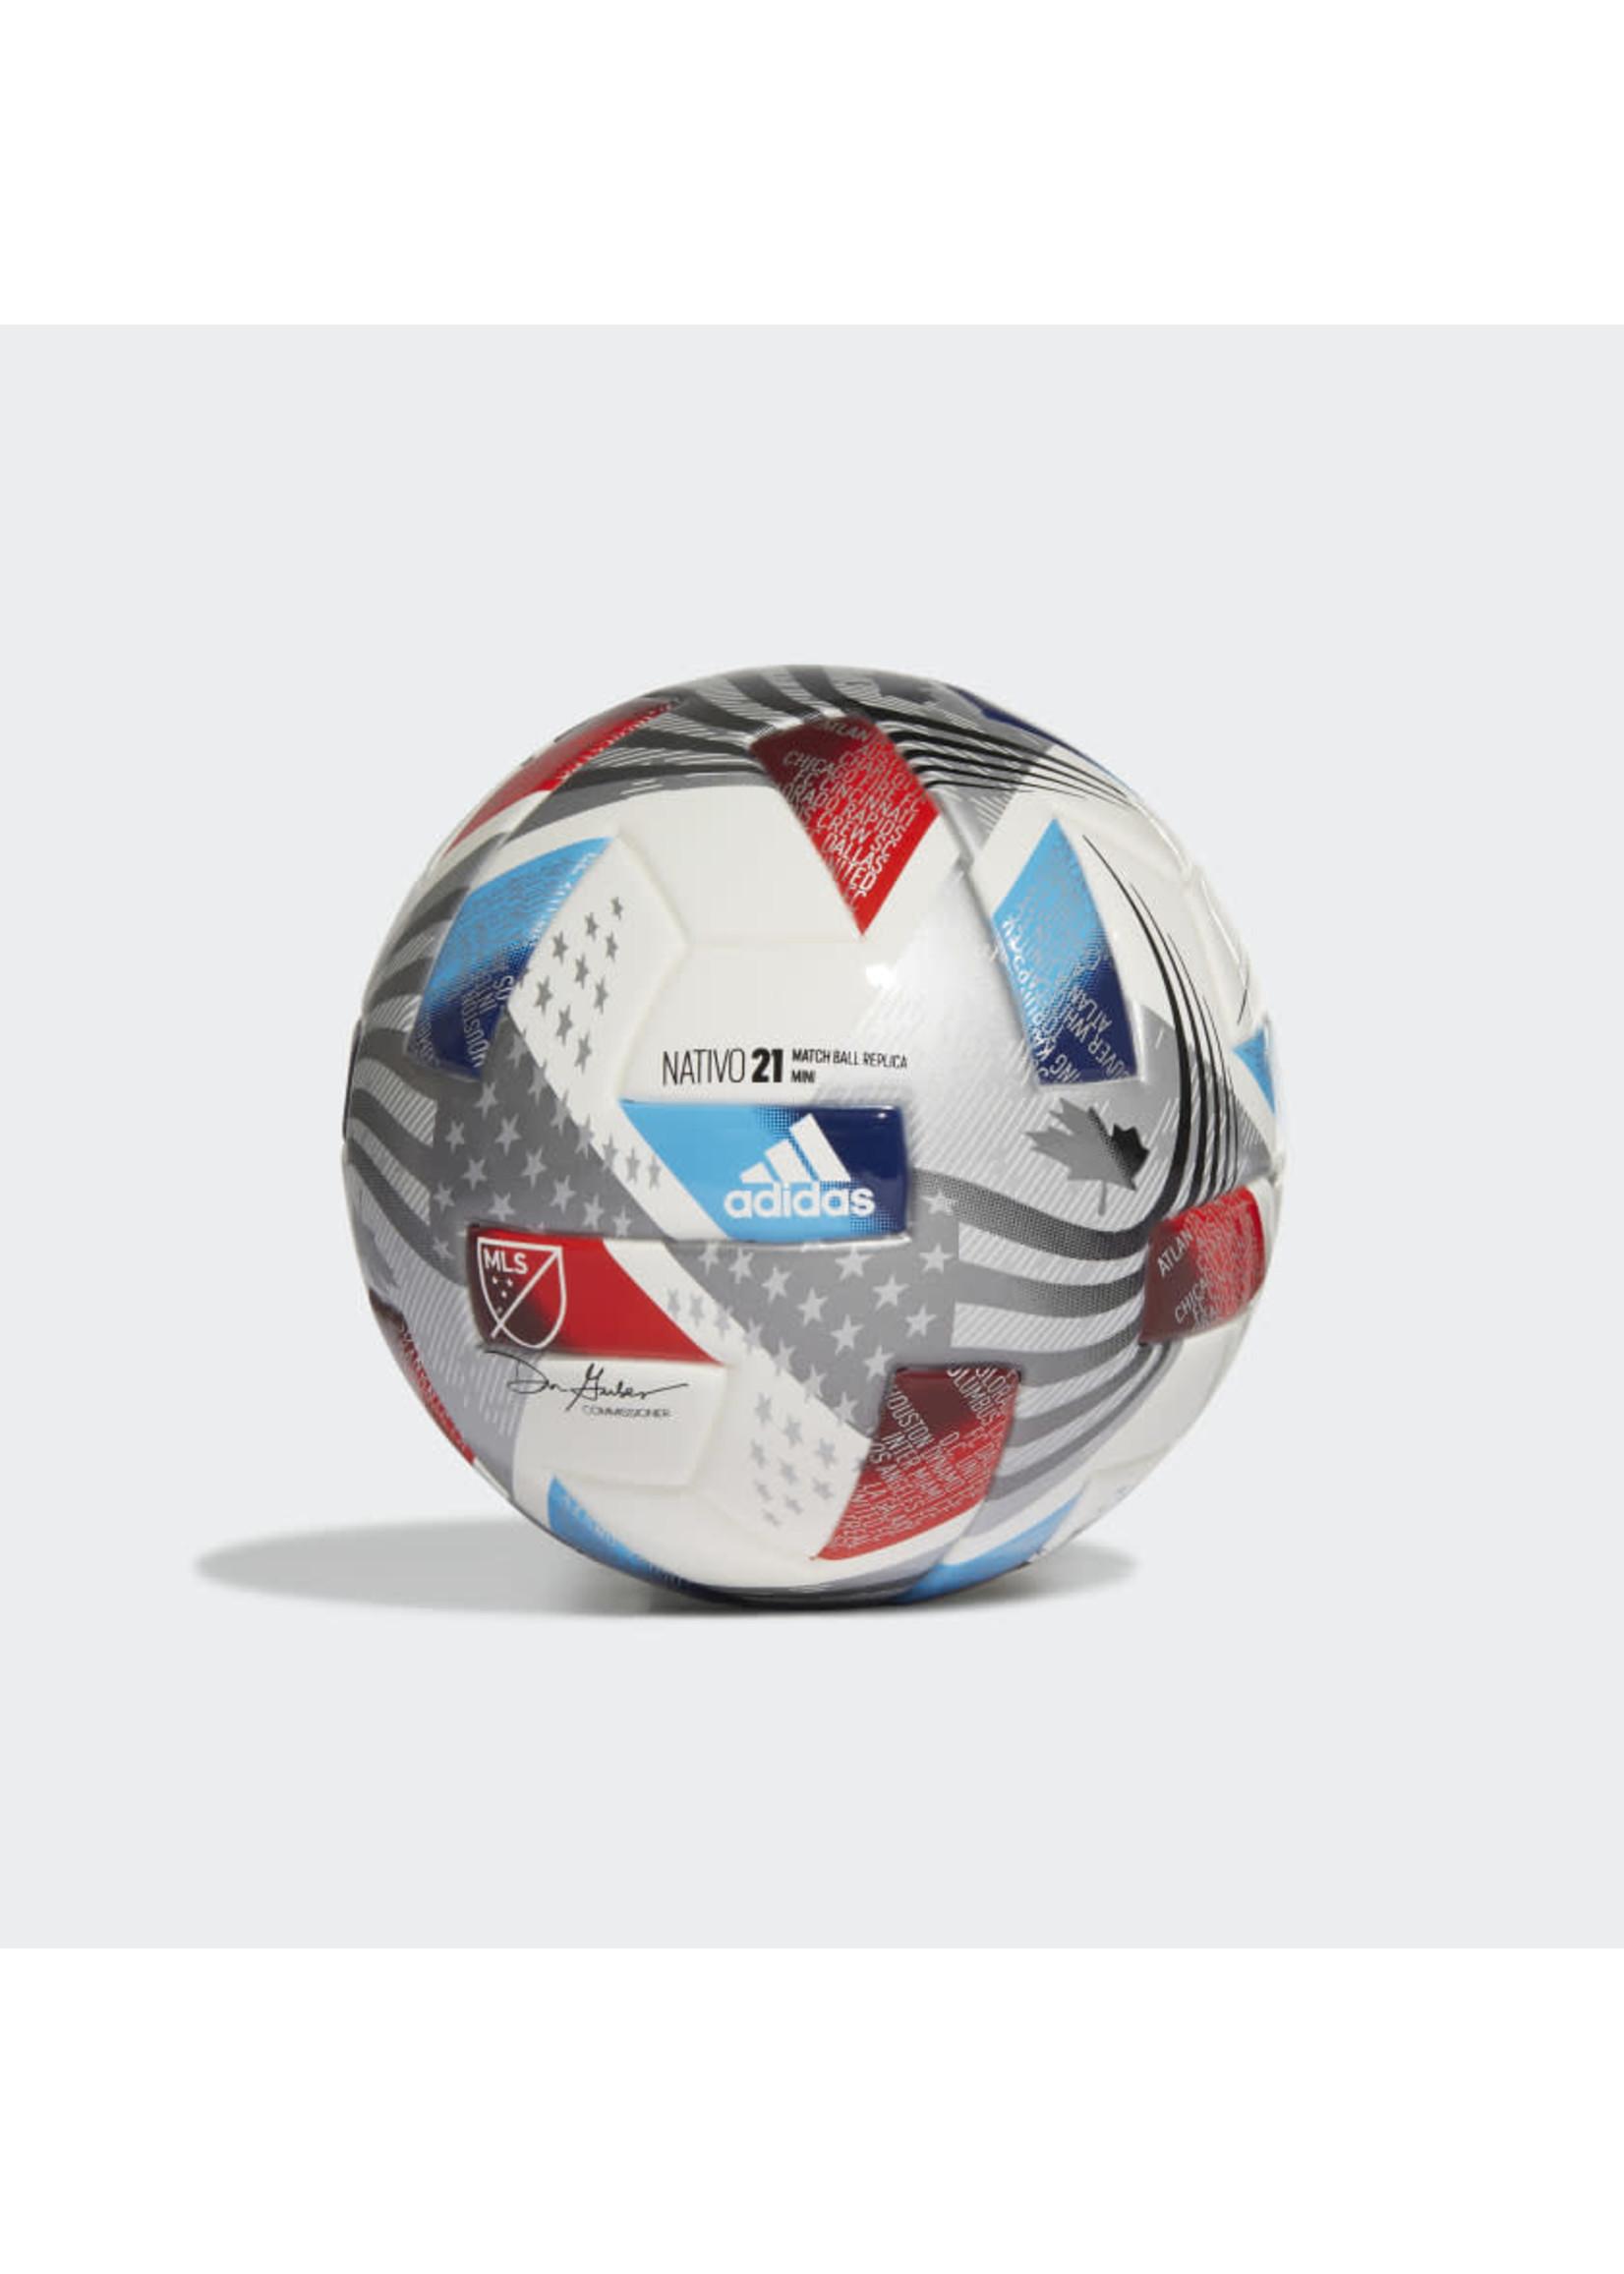 Adidas MLS Mini Ball